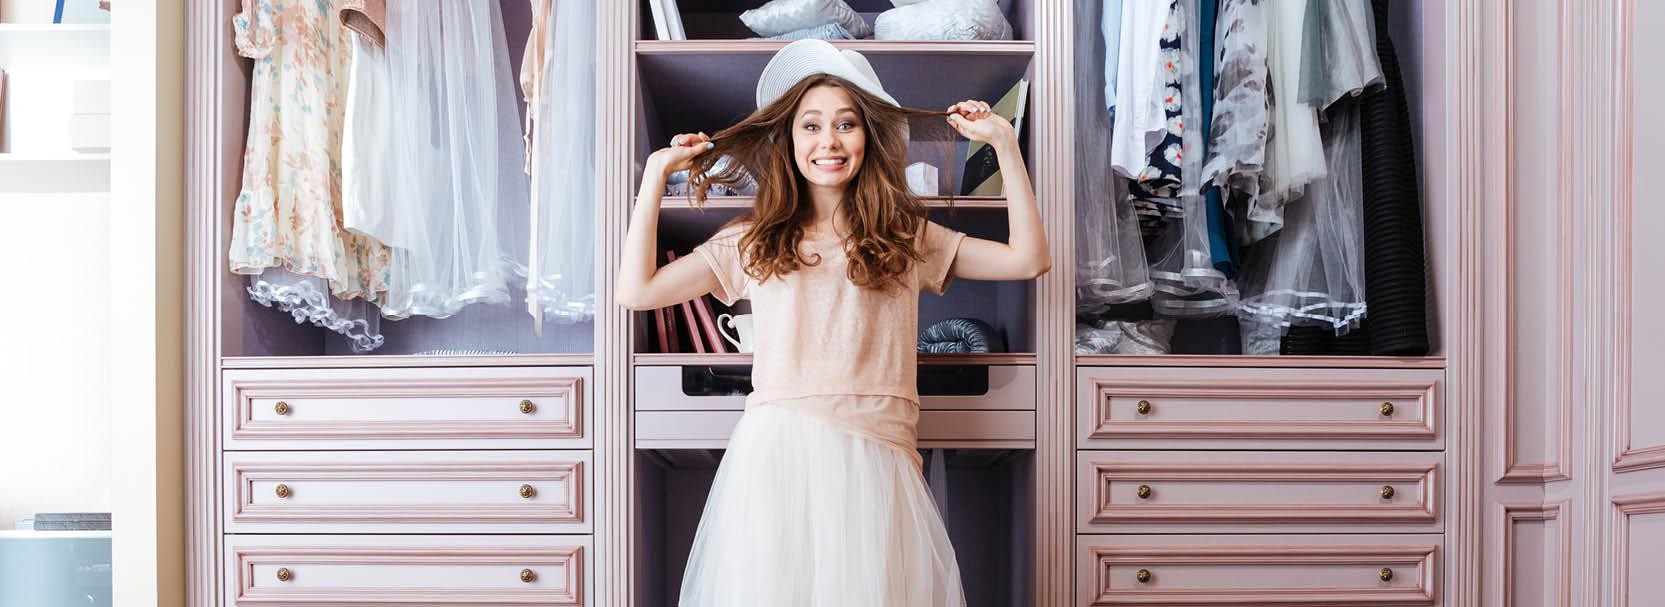 kombinierbarer Kleiderschrank, Ordnung im Kleiderschrank